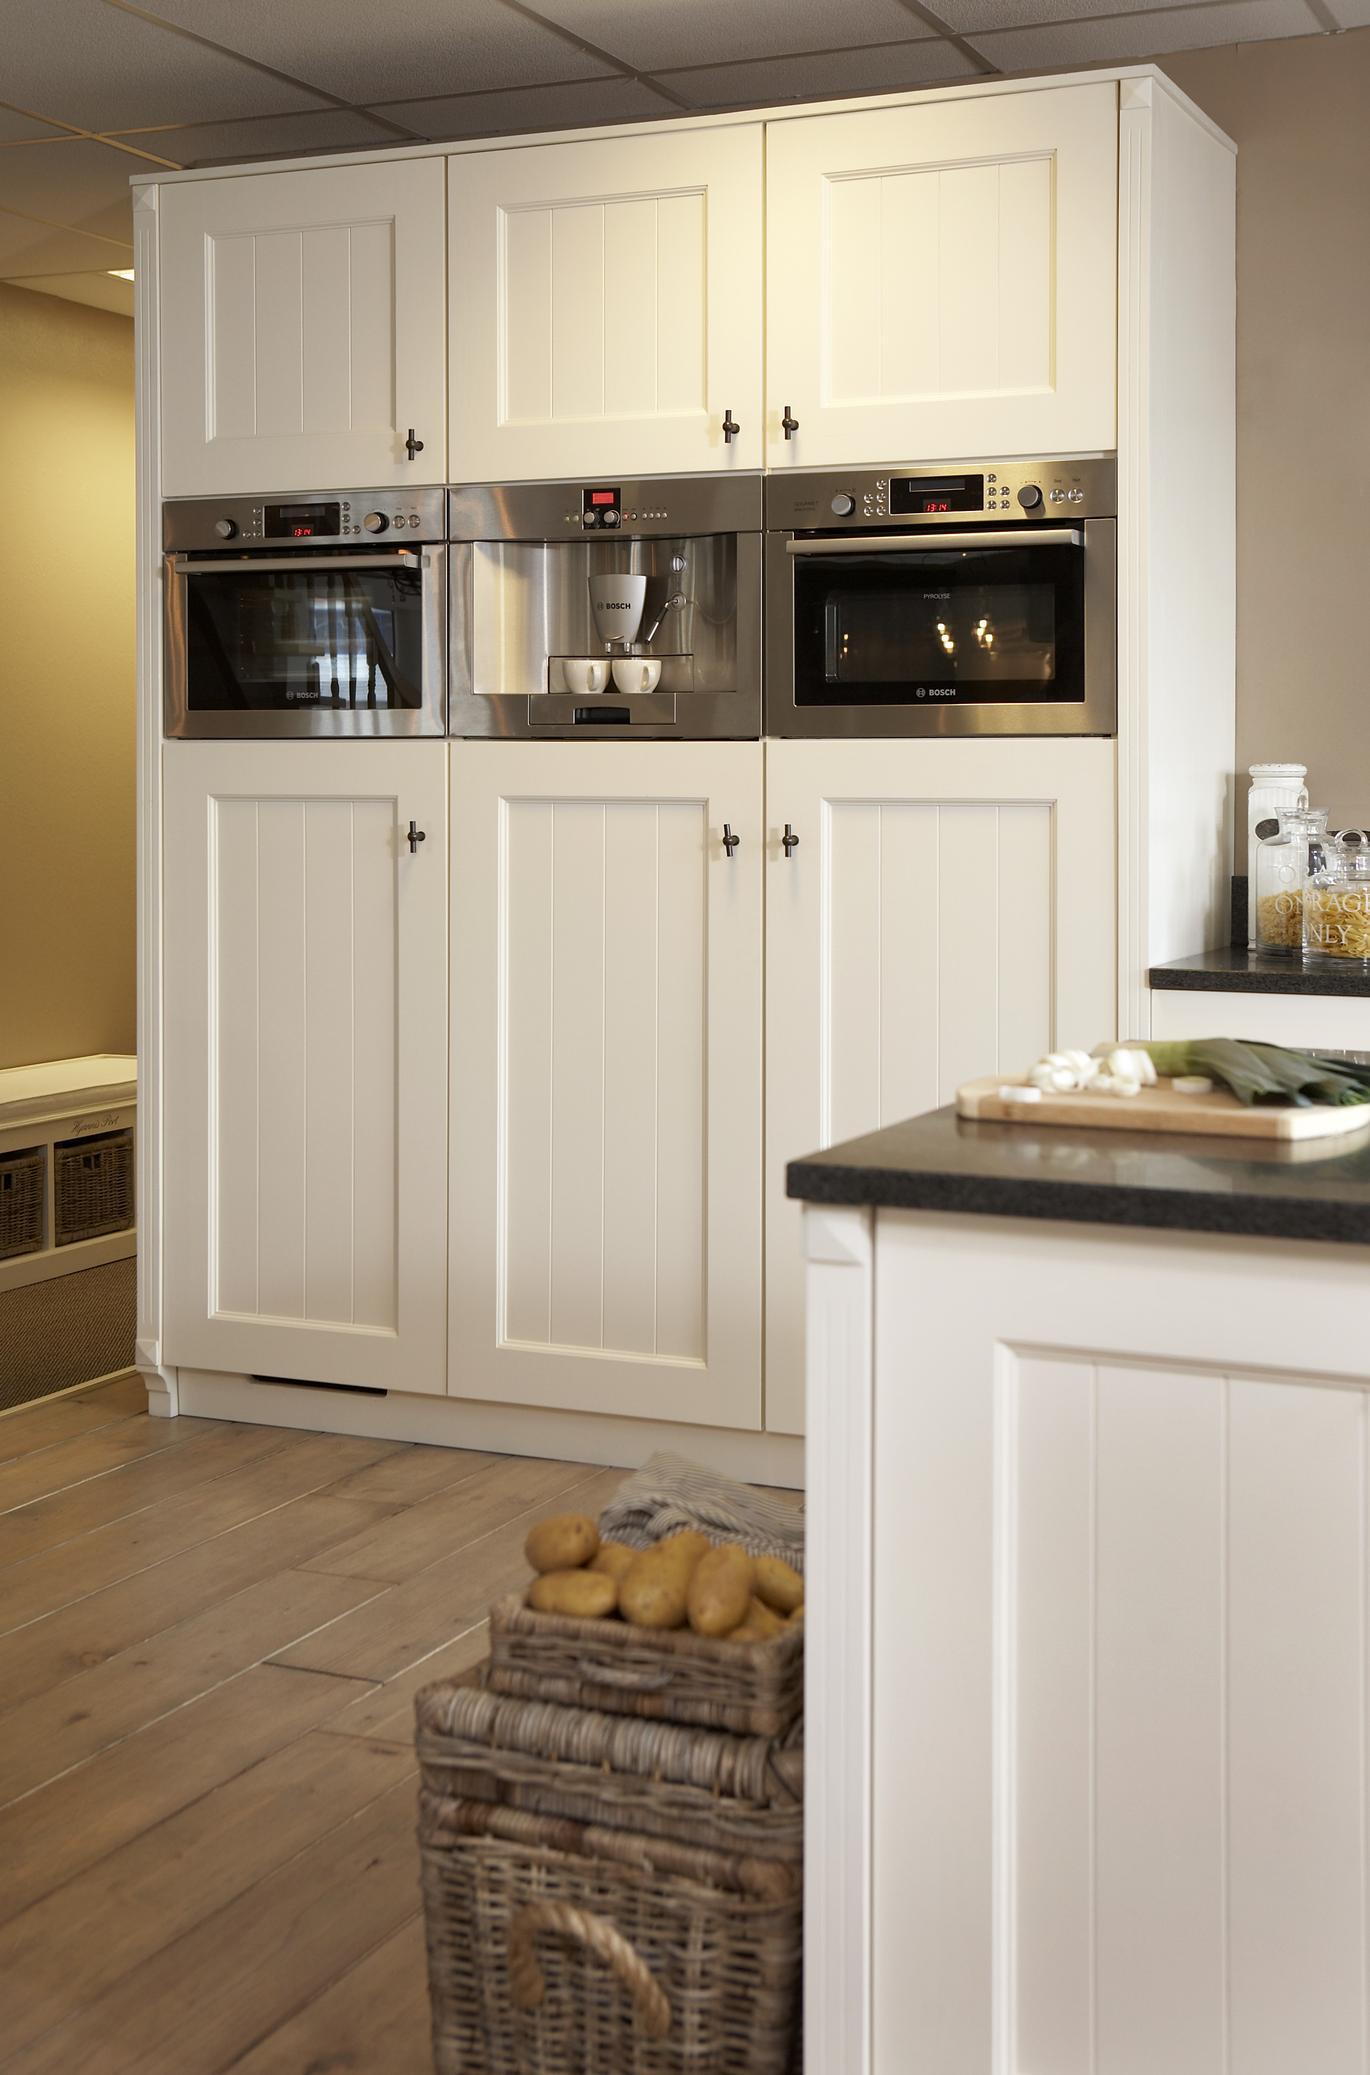 Keuken Kastenwand Hout : GEVERFDE HOUTEN KEUKEN – Landelijke en moderne houten keukens op maat